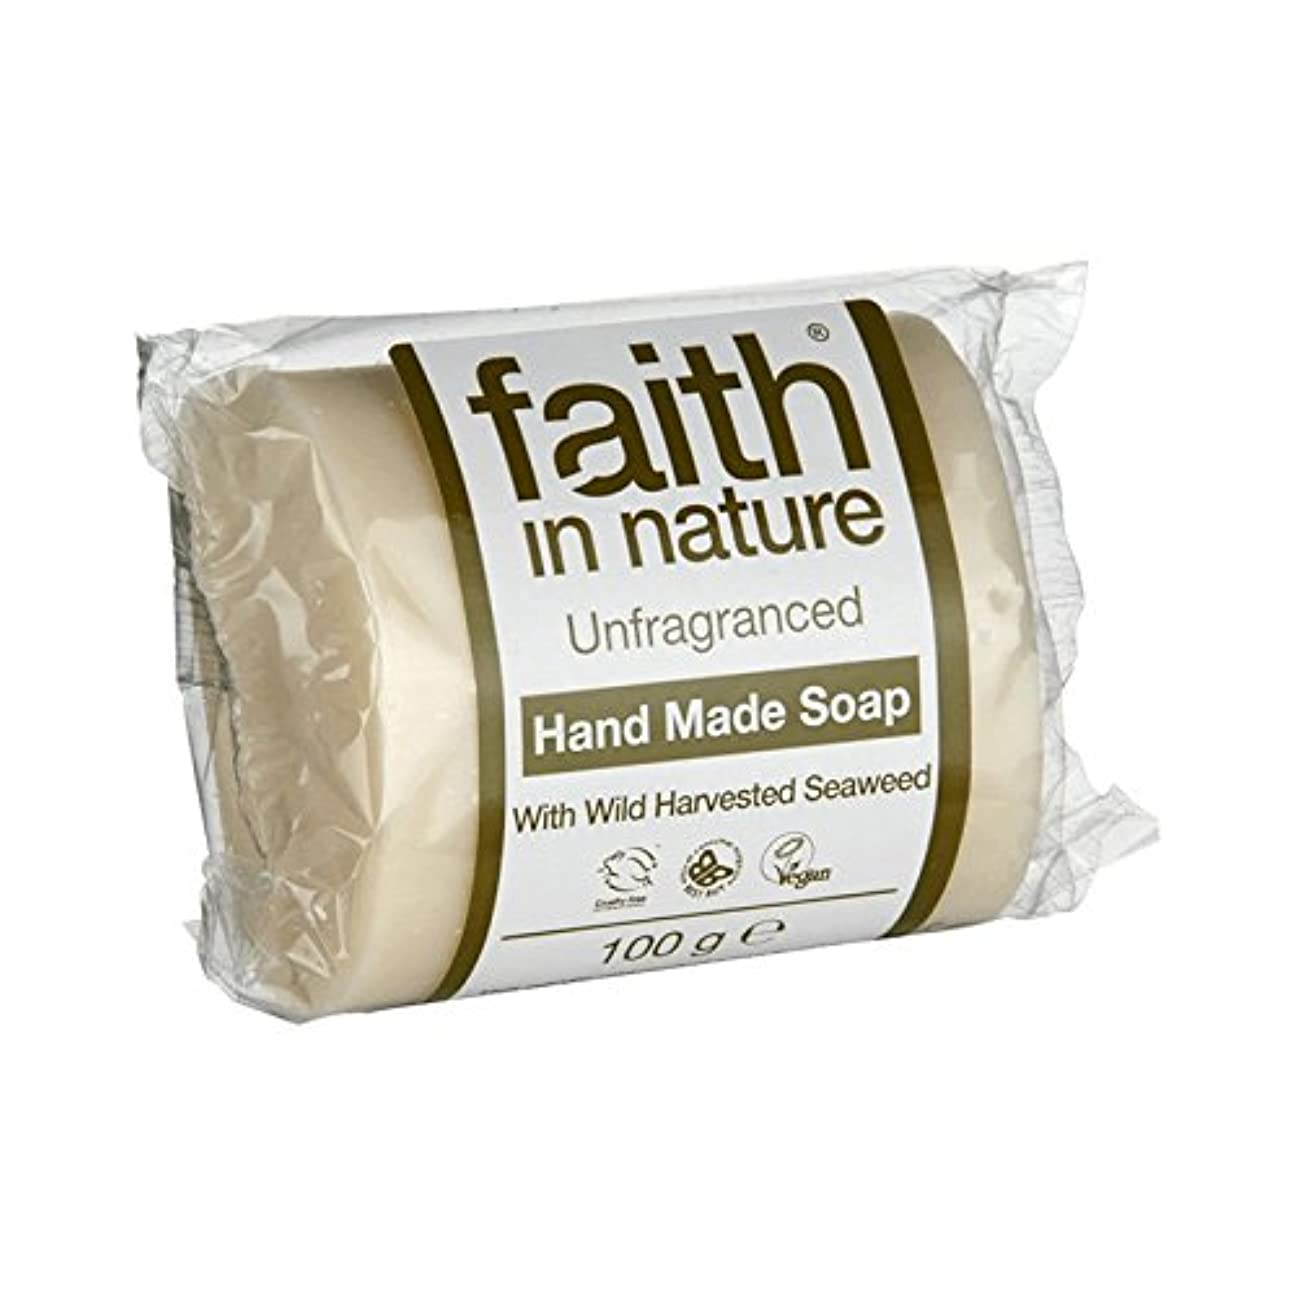 突然の素朴な何でも自然無香料海藻石鹸100グラムの信仰 - Faith in Nature Unfragranced Seaweed Soap 100g (Faith in Nature) [並行輸入品]